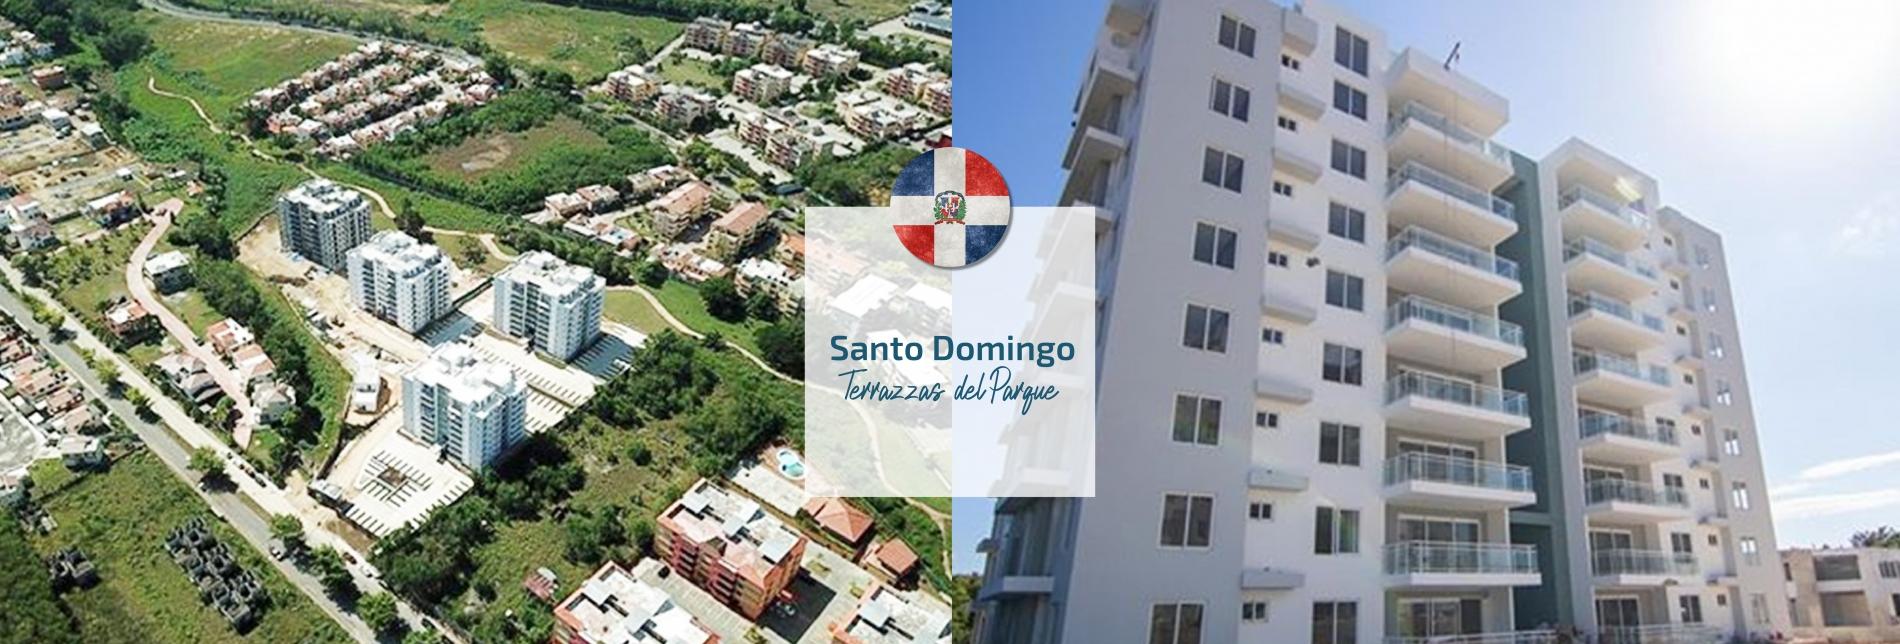 Amerique, Terrazas del Parque, Saint-Domingue, RépDominic